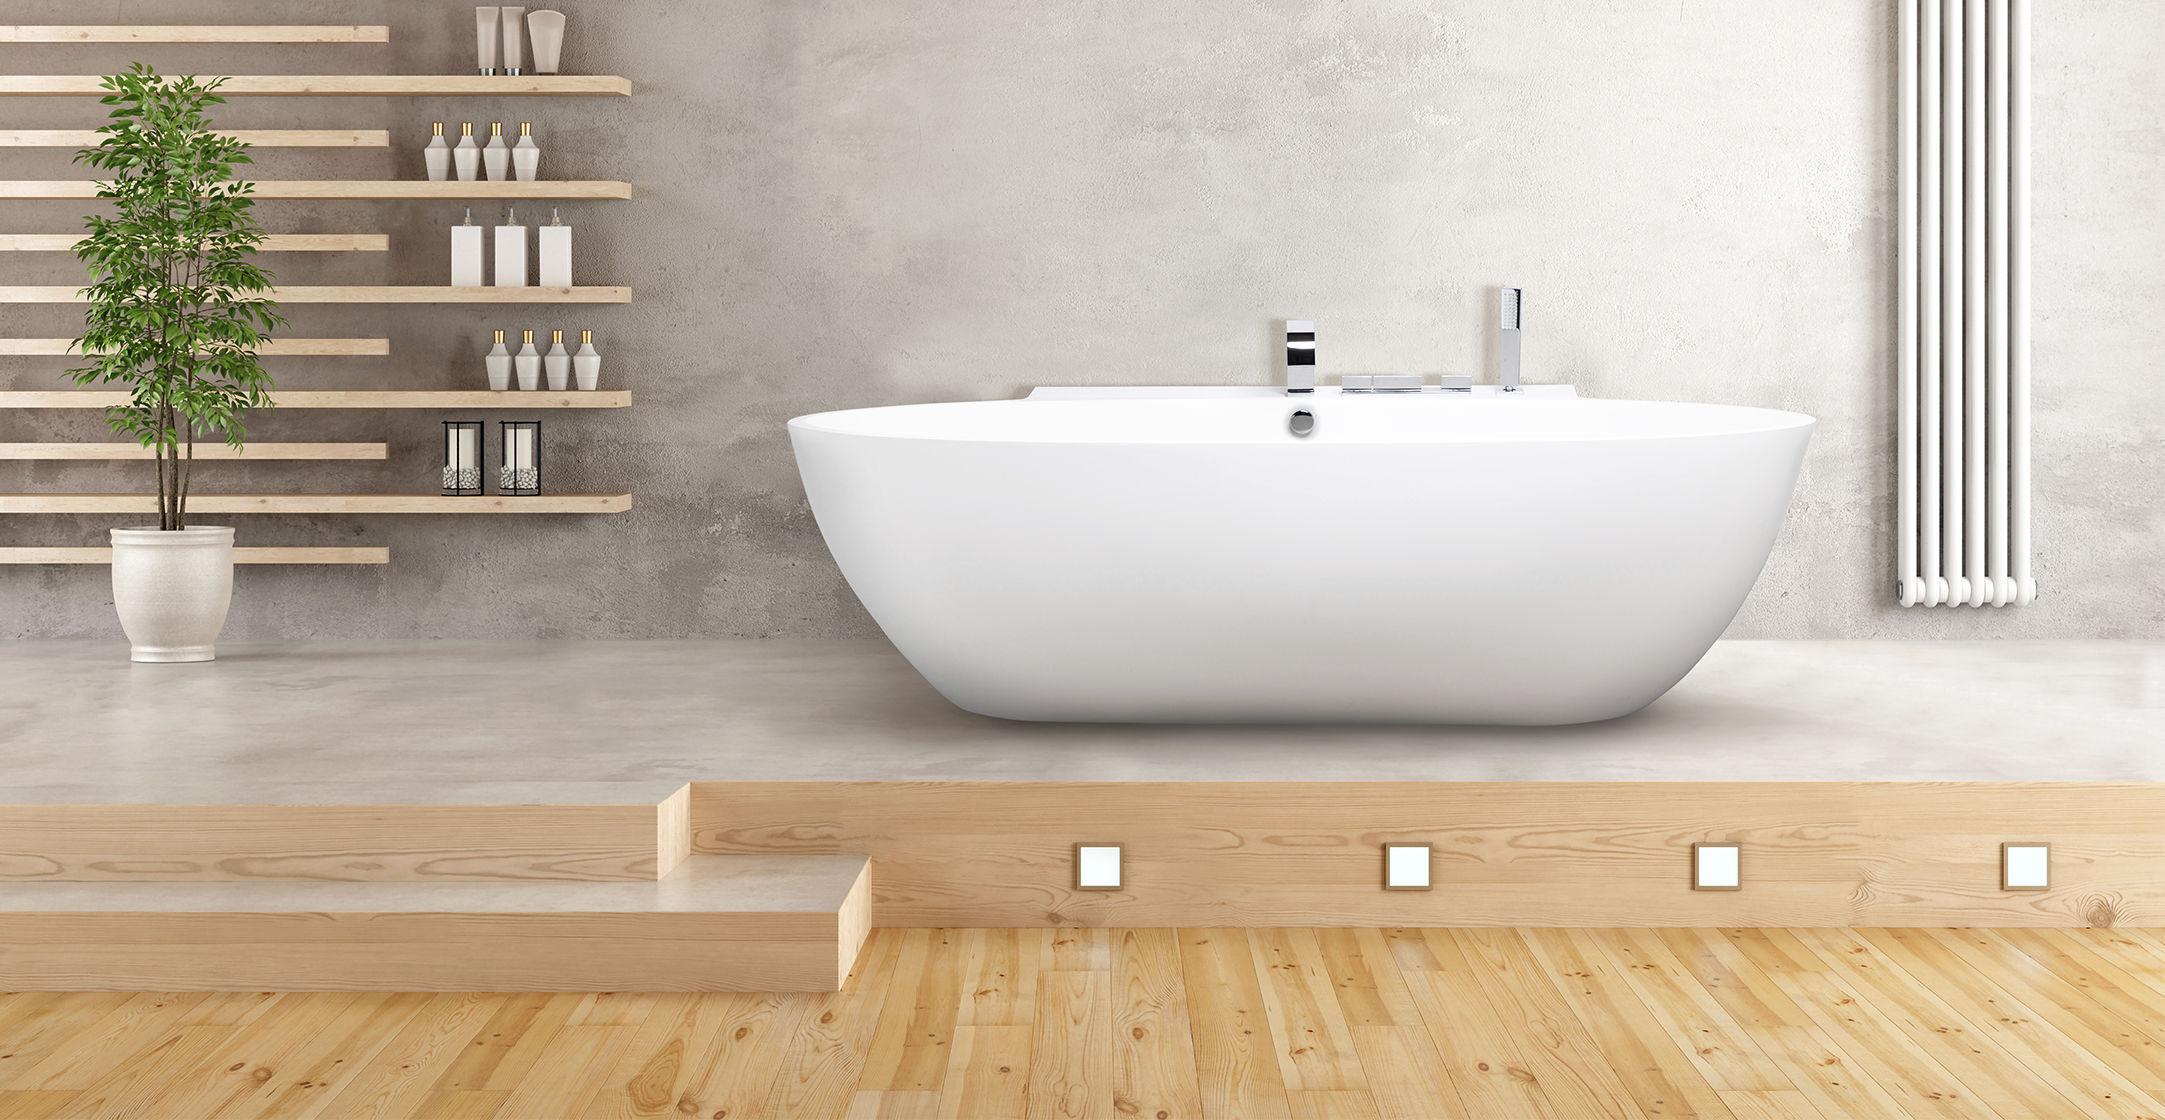 Vasca Da Bagno Larghezza 100 : Vasche da bagno piccole la più corposa guida online